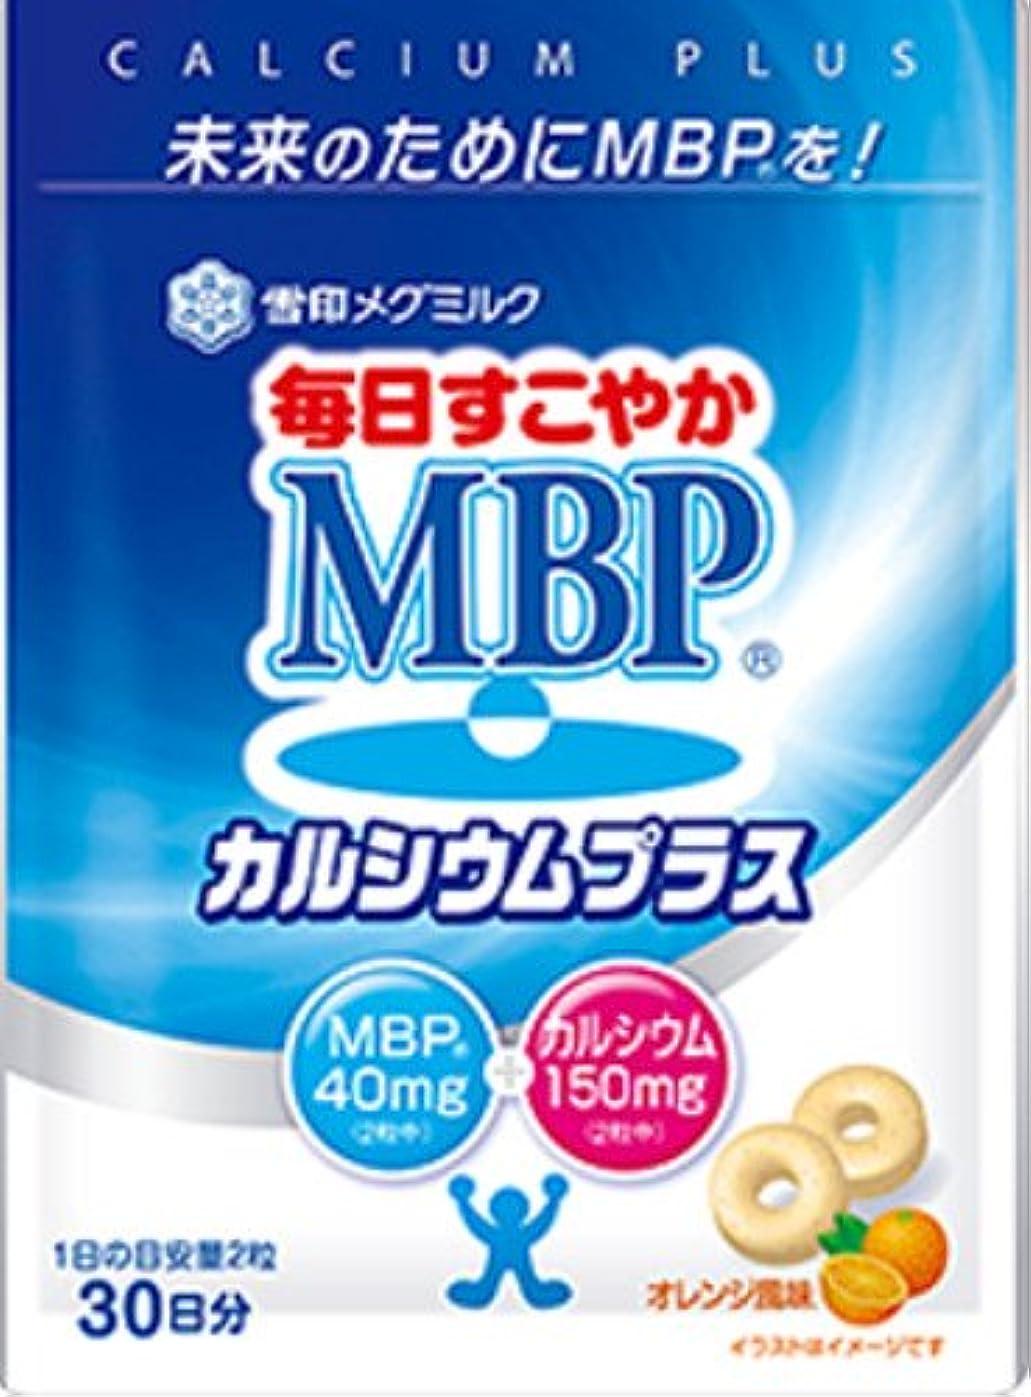 億行政コンクリート雪印メグミルク 毎日すこやか MBP カルシウムプラス 30日分 60粒入り